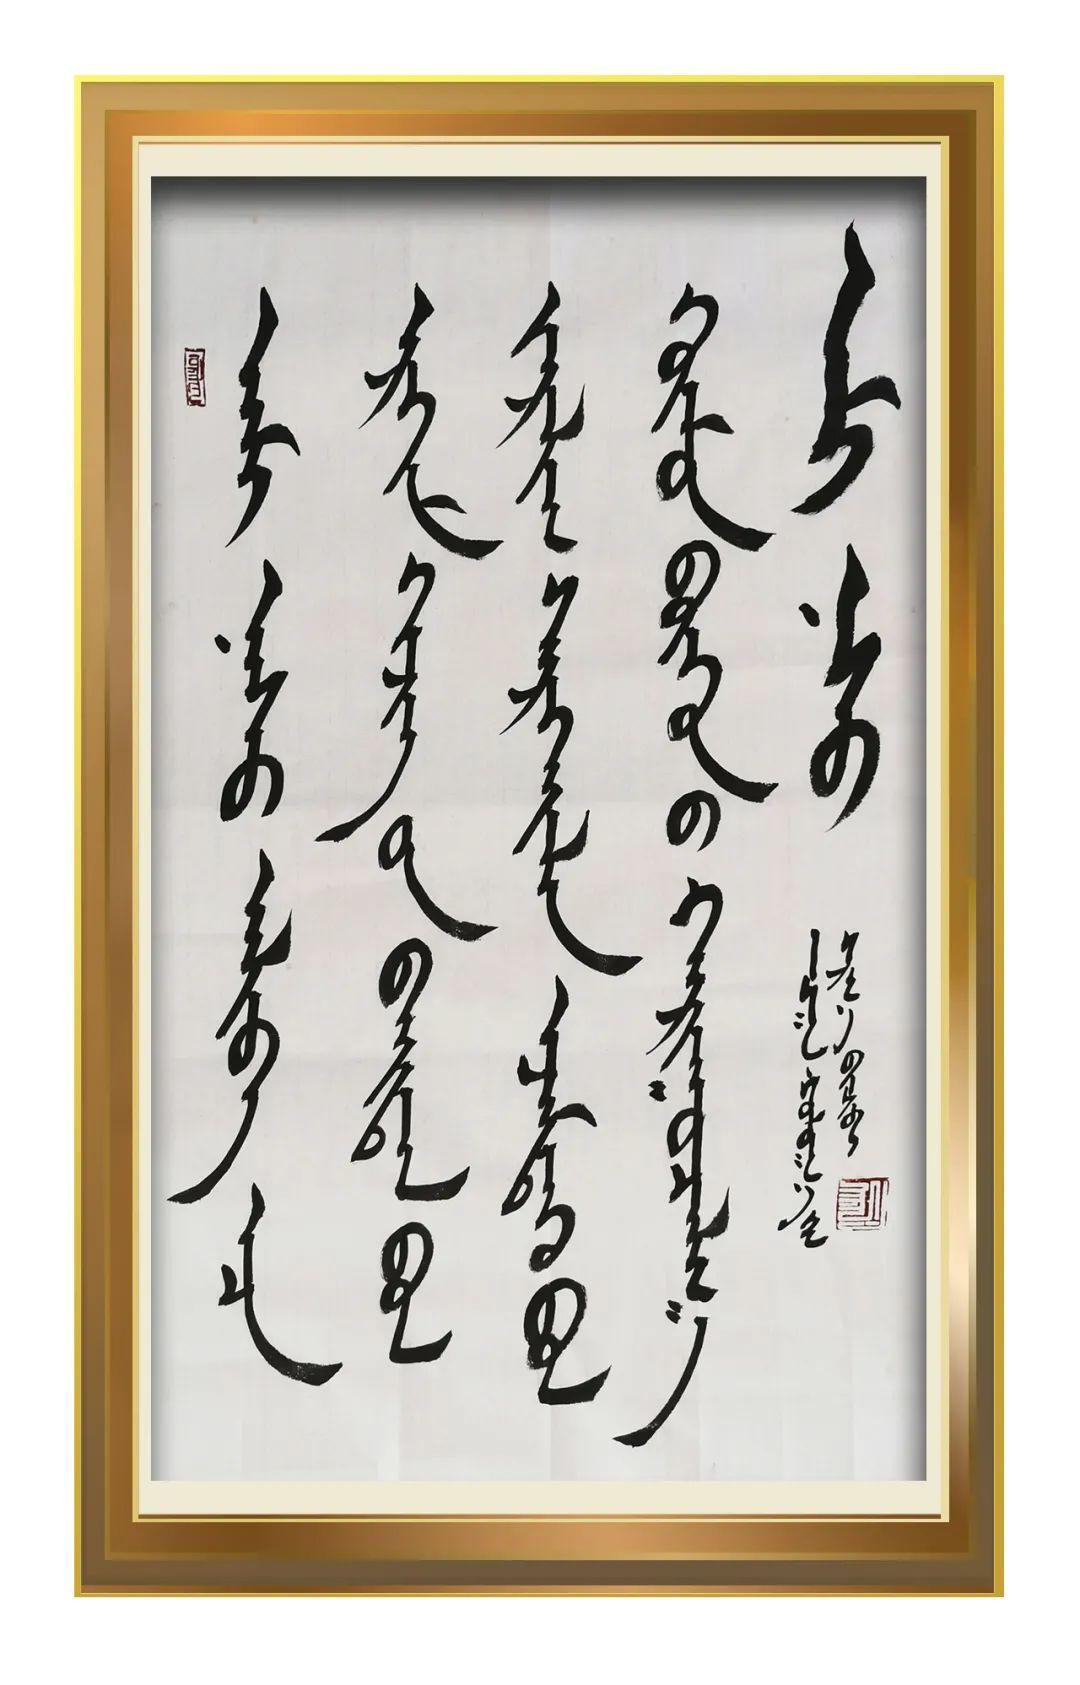 家乡美 | 萨日娜书法作品欣赏 第4张 家乡美 | 萨日娜书法作品欣赏 蒙古书法